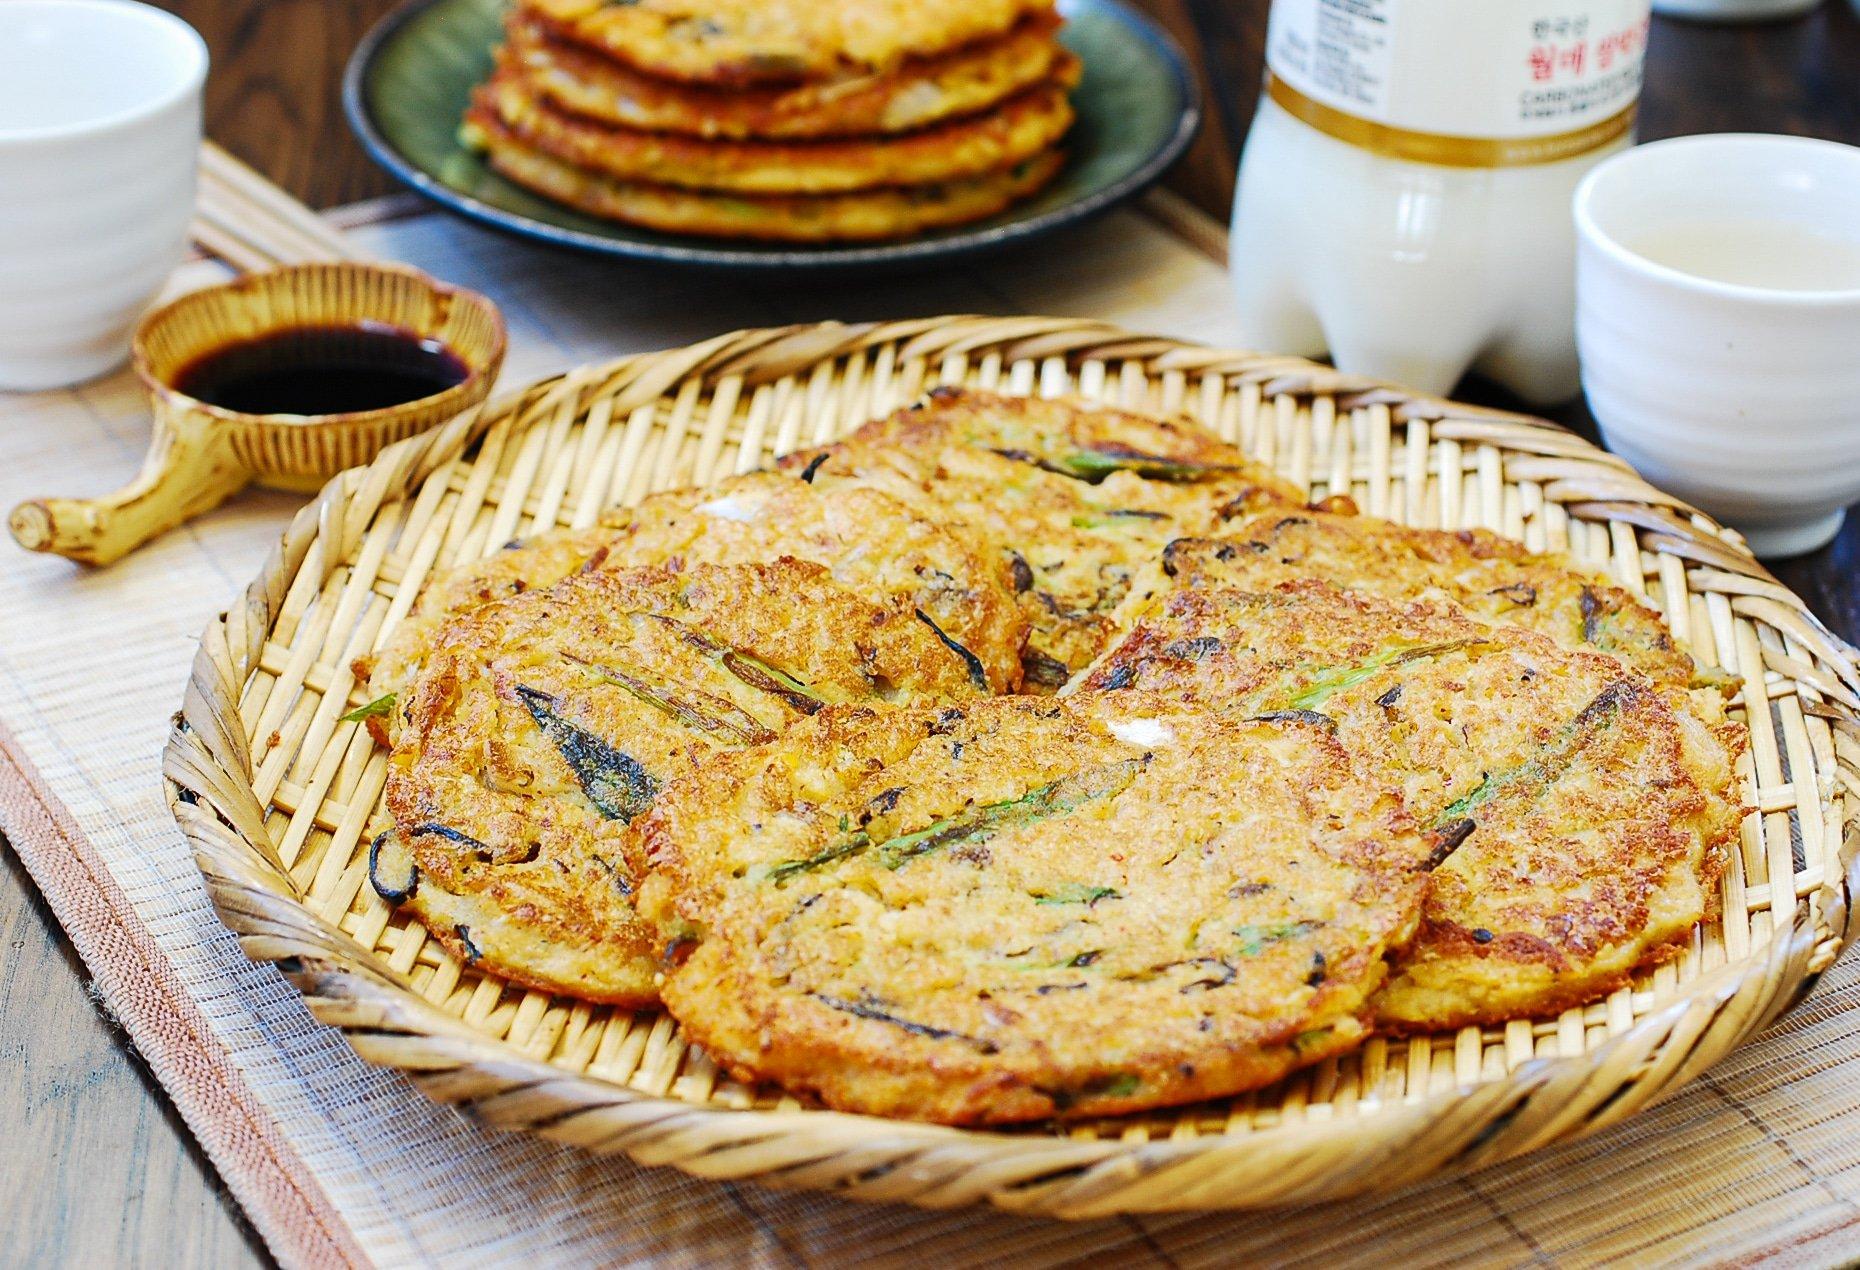 DSC 2824 - Nokdujeon (Mung Bean Pancakes)